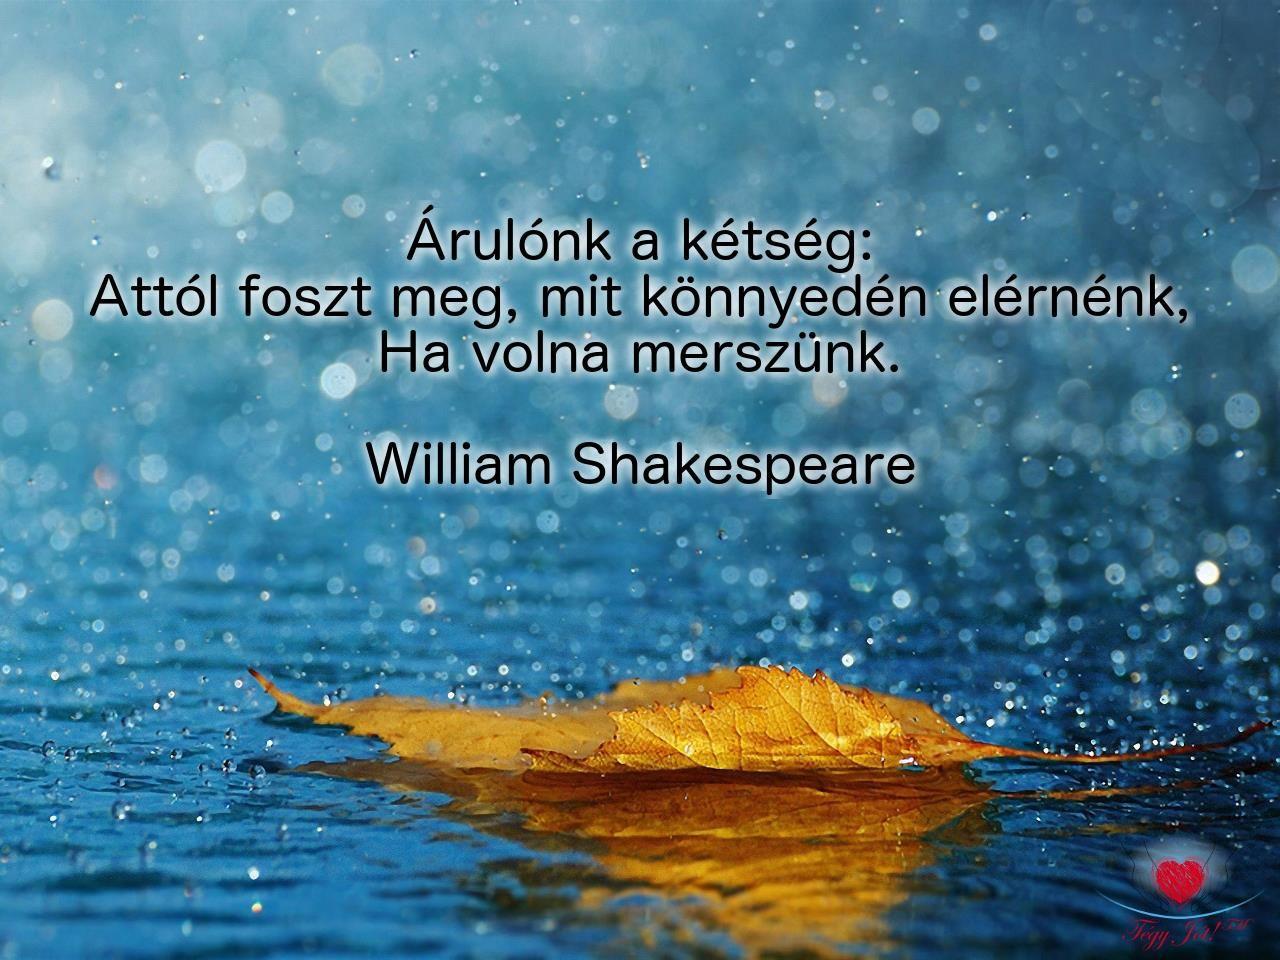 kétség idézetek Pin by Nagyzsu on Idézetek | William shakespeare, Synchronicity